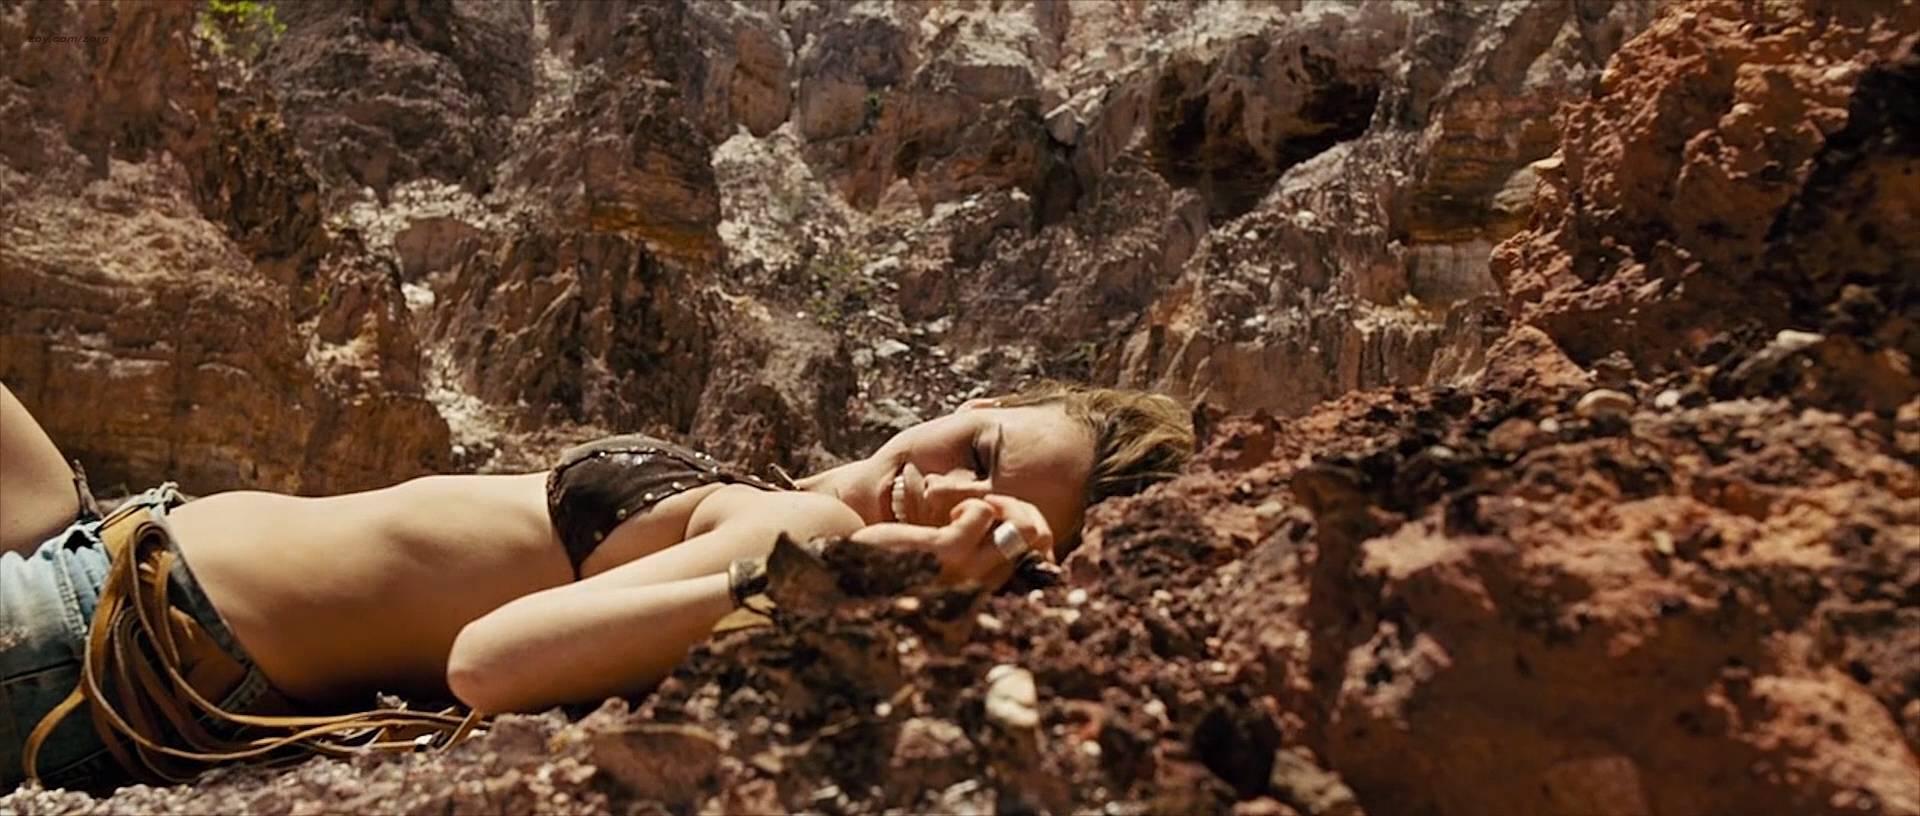 Nathalia Dill nude topless lesbian sex and Lívia De Bueno nude too - Paraísos Artificiais (BR-2012) hd1080p BluRay (7)